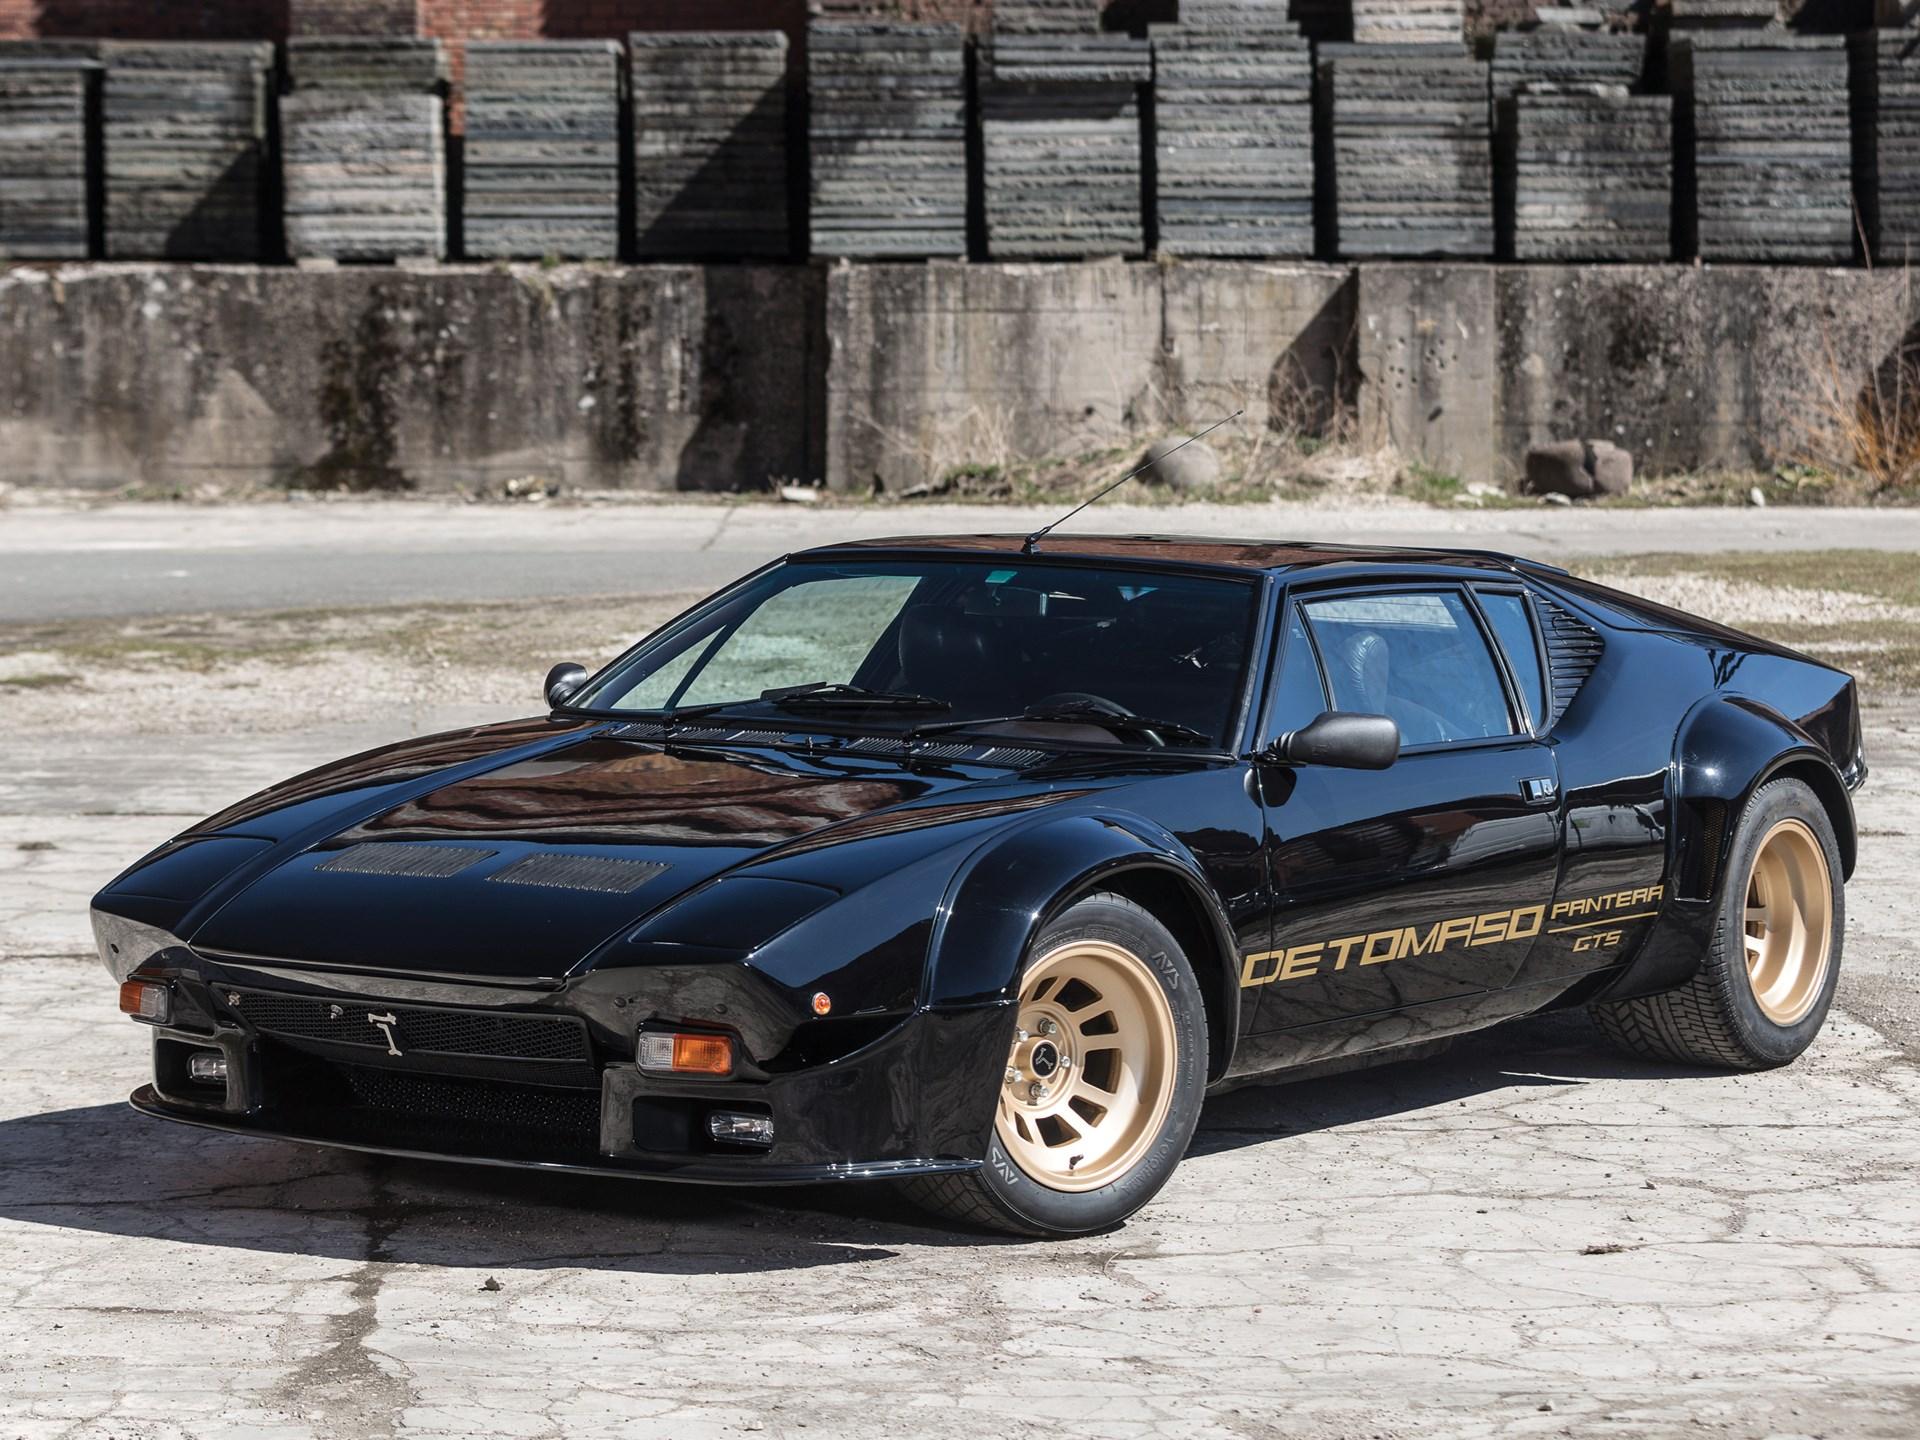 De Tomaso Pantera Performance >> Rm Sotheby S 1984 De Tomaso Pantera Gt5 Monaco 2018